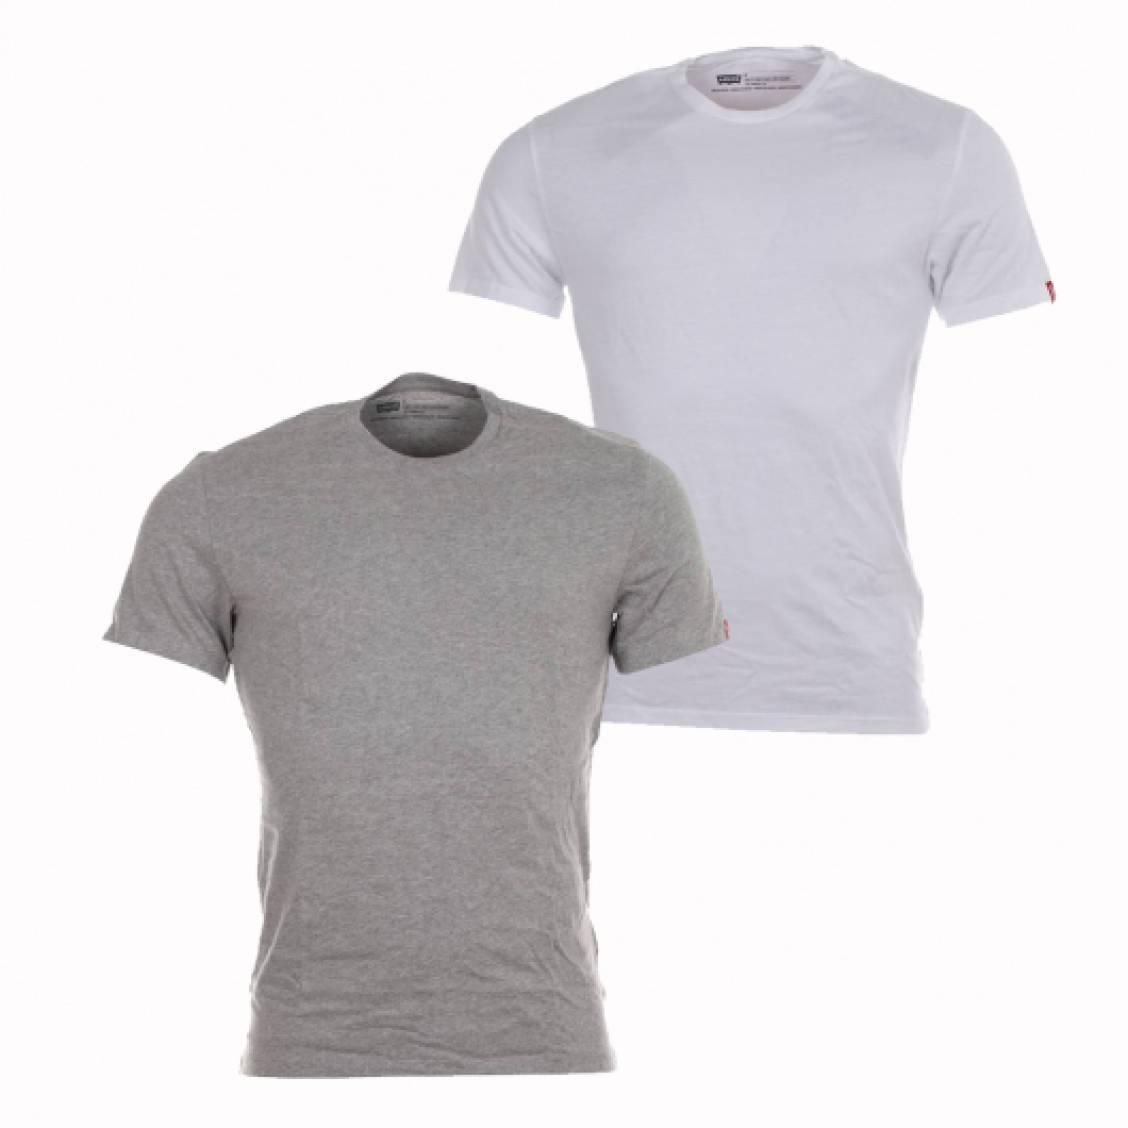 Levi's Lot Tee Shirts Fit Crewneck Gris Coton Et Blanc Slim En De 2 UWTrBTn